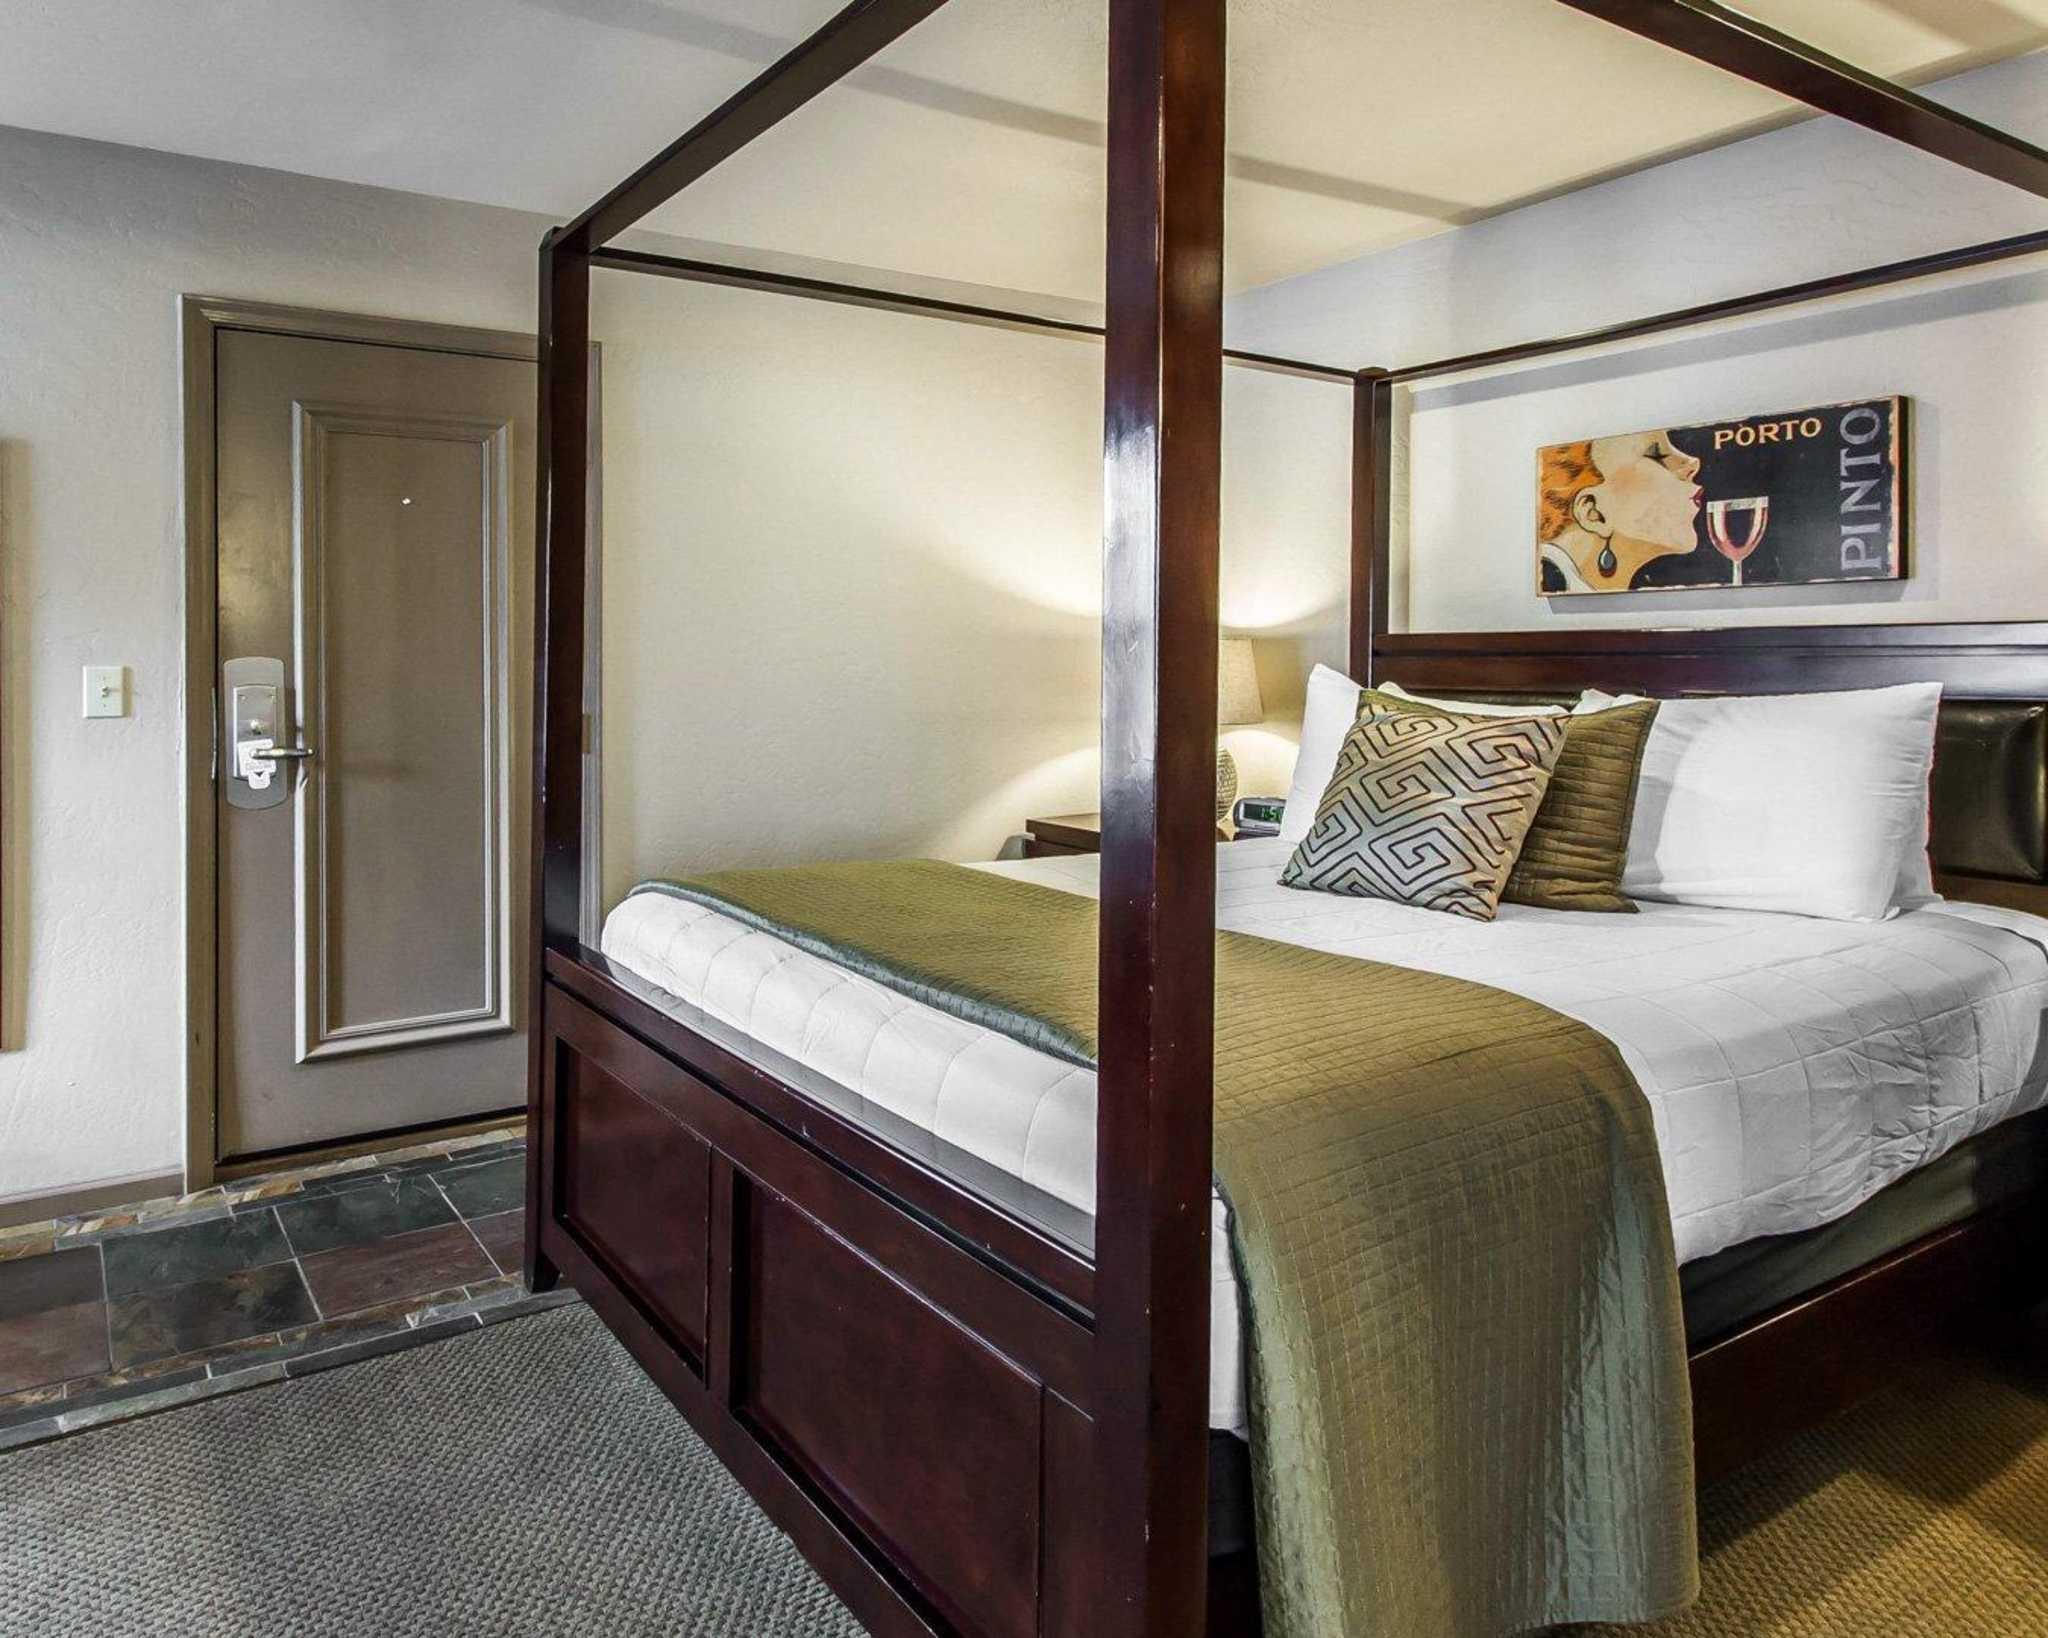 Rodeway Inn & Suites Downtowner-Rte 66 image 29